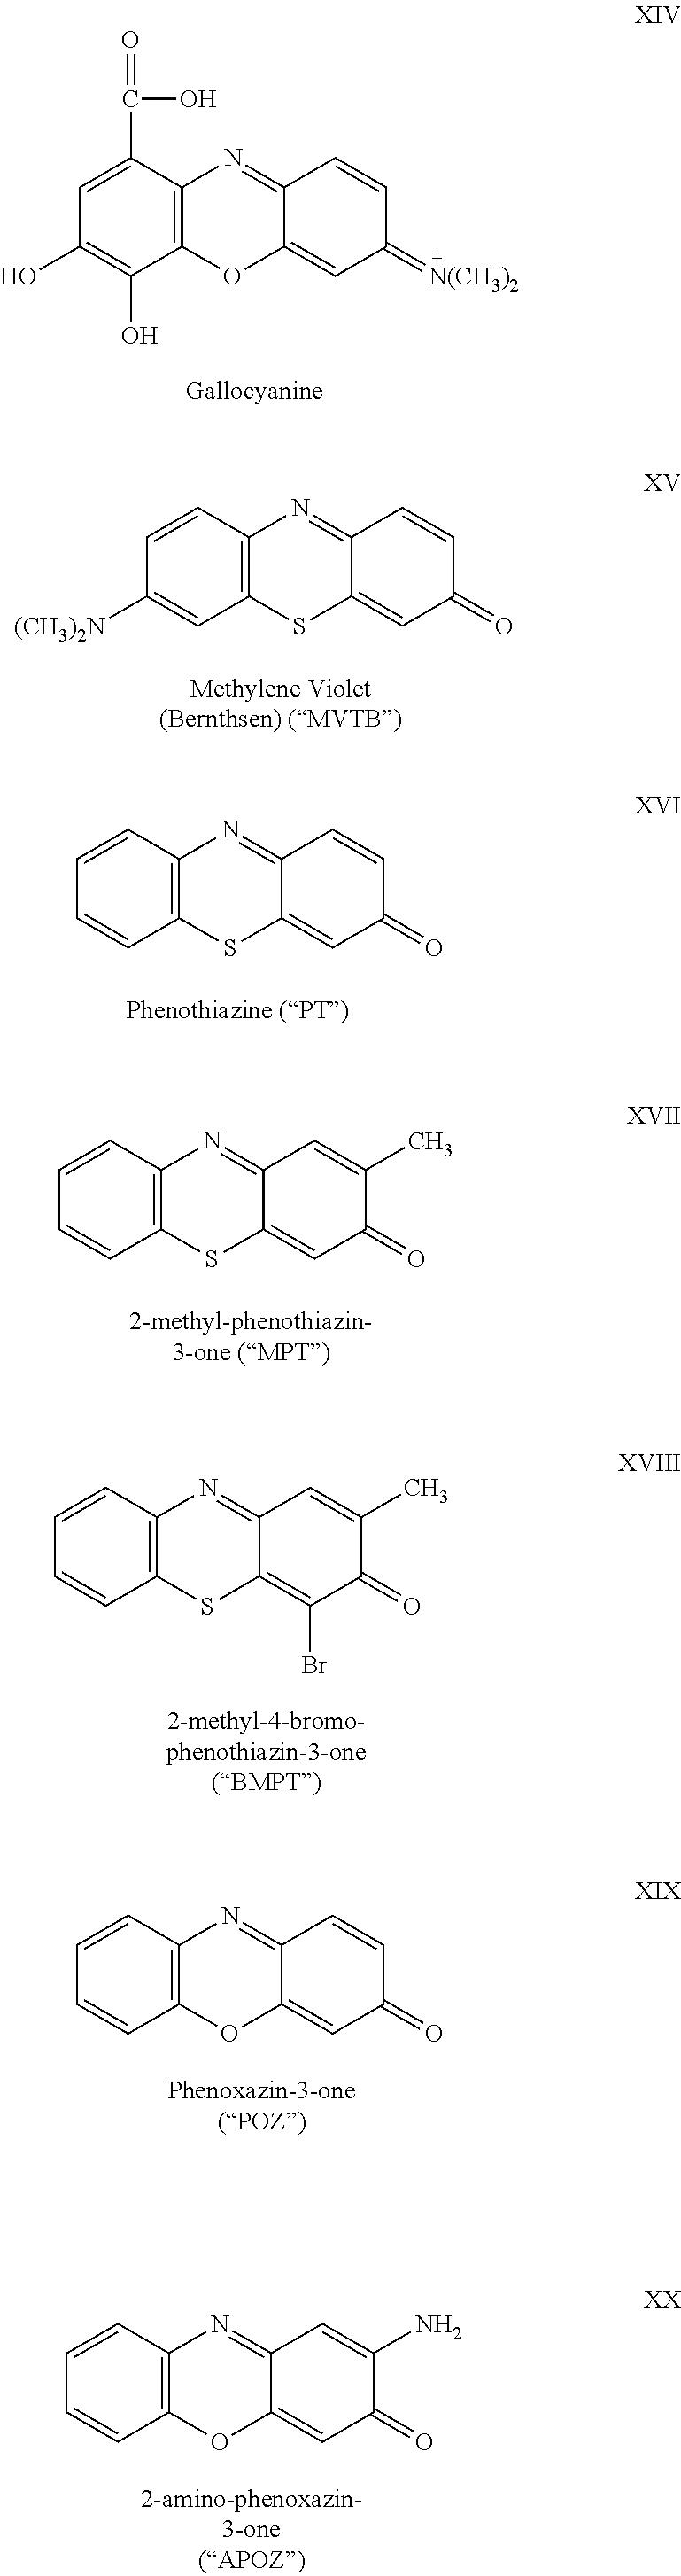 Figure US20110045172A1-20110224-C00020